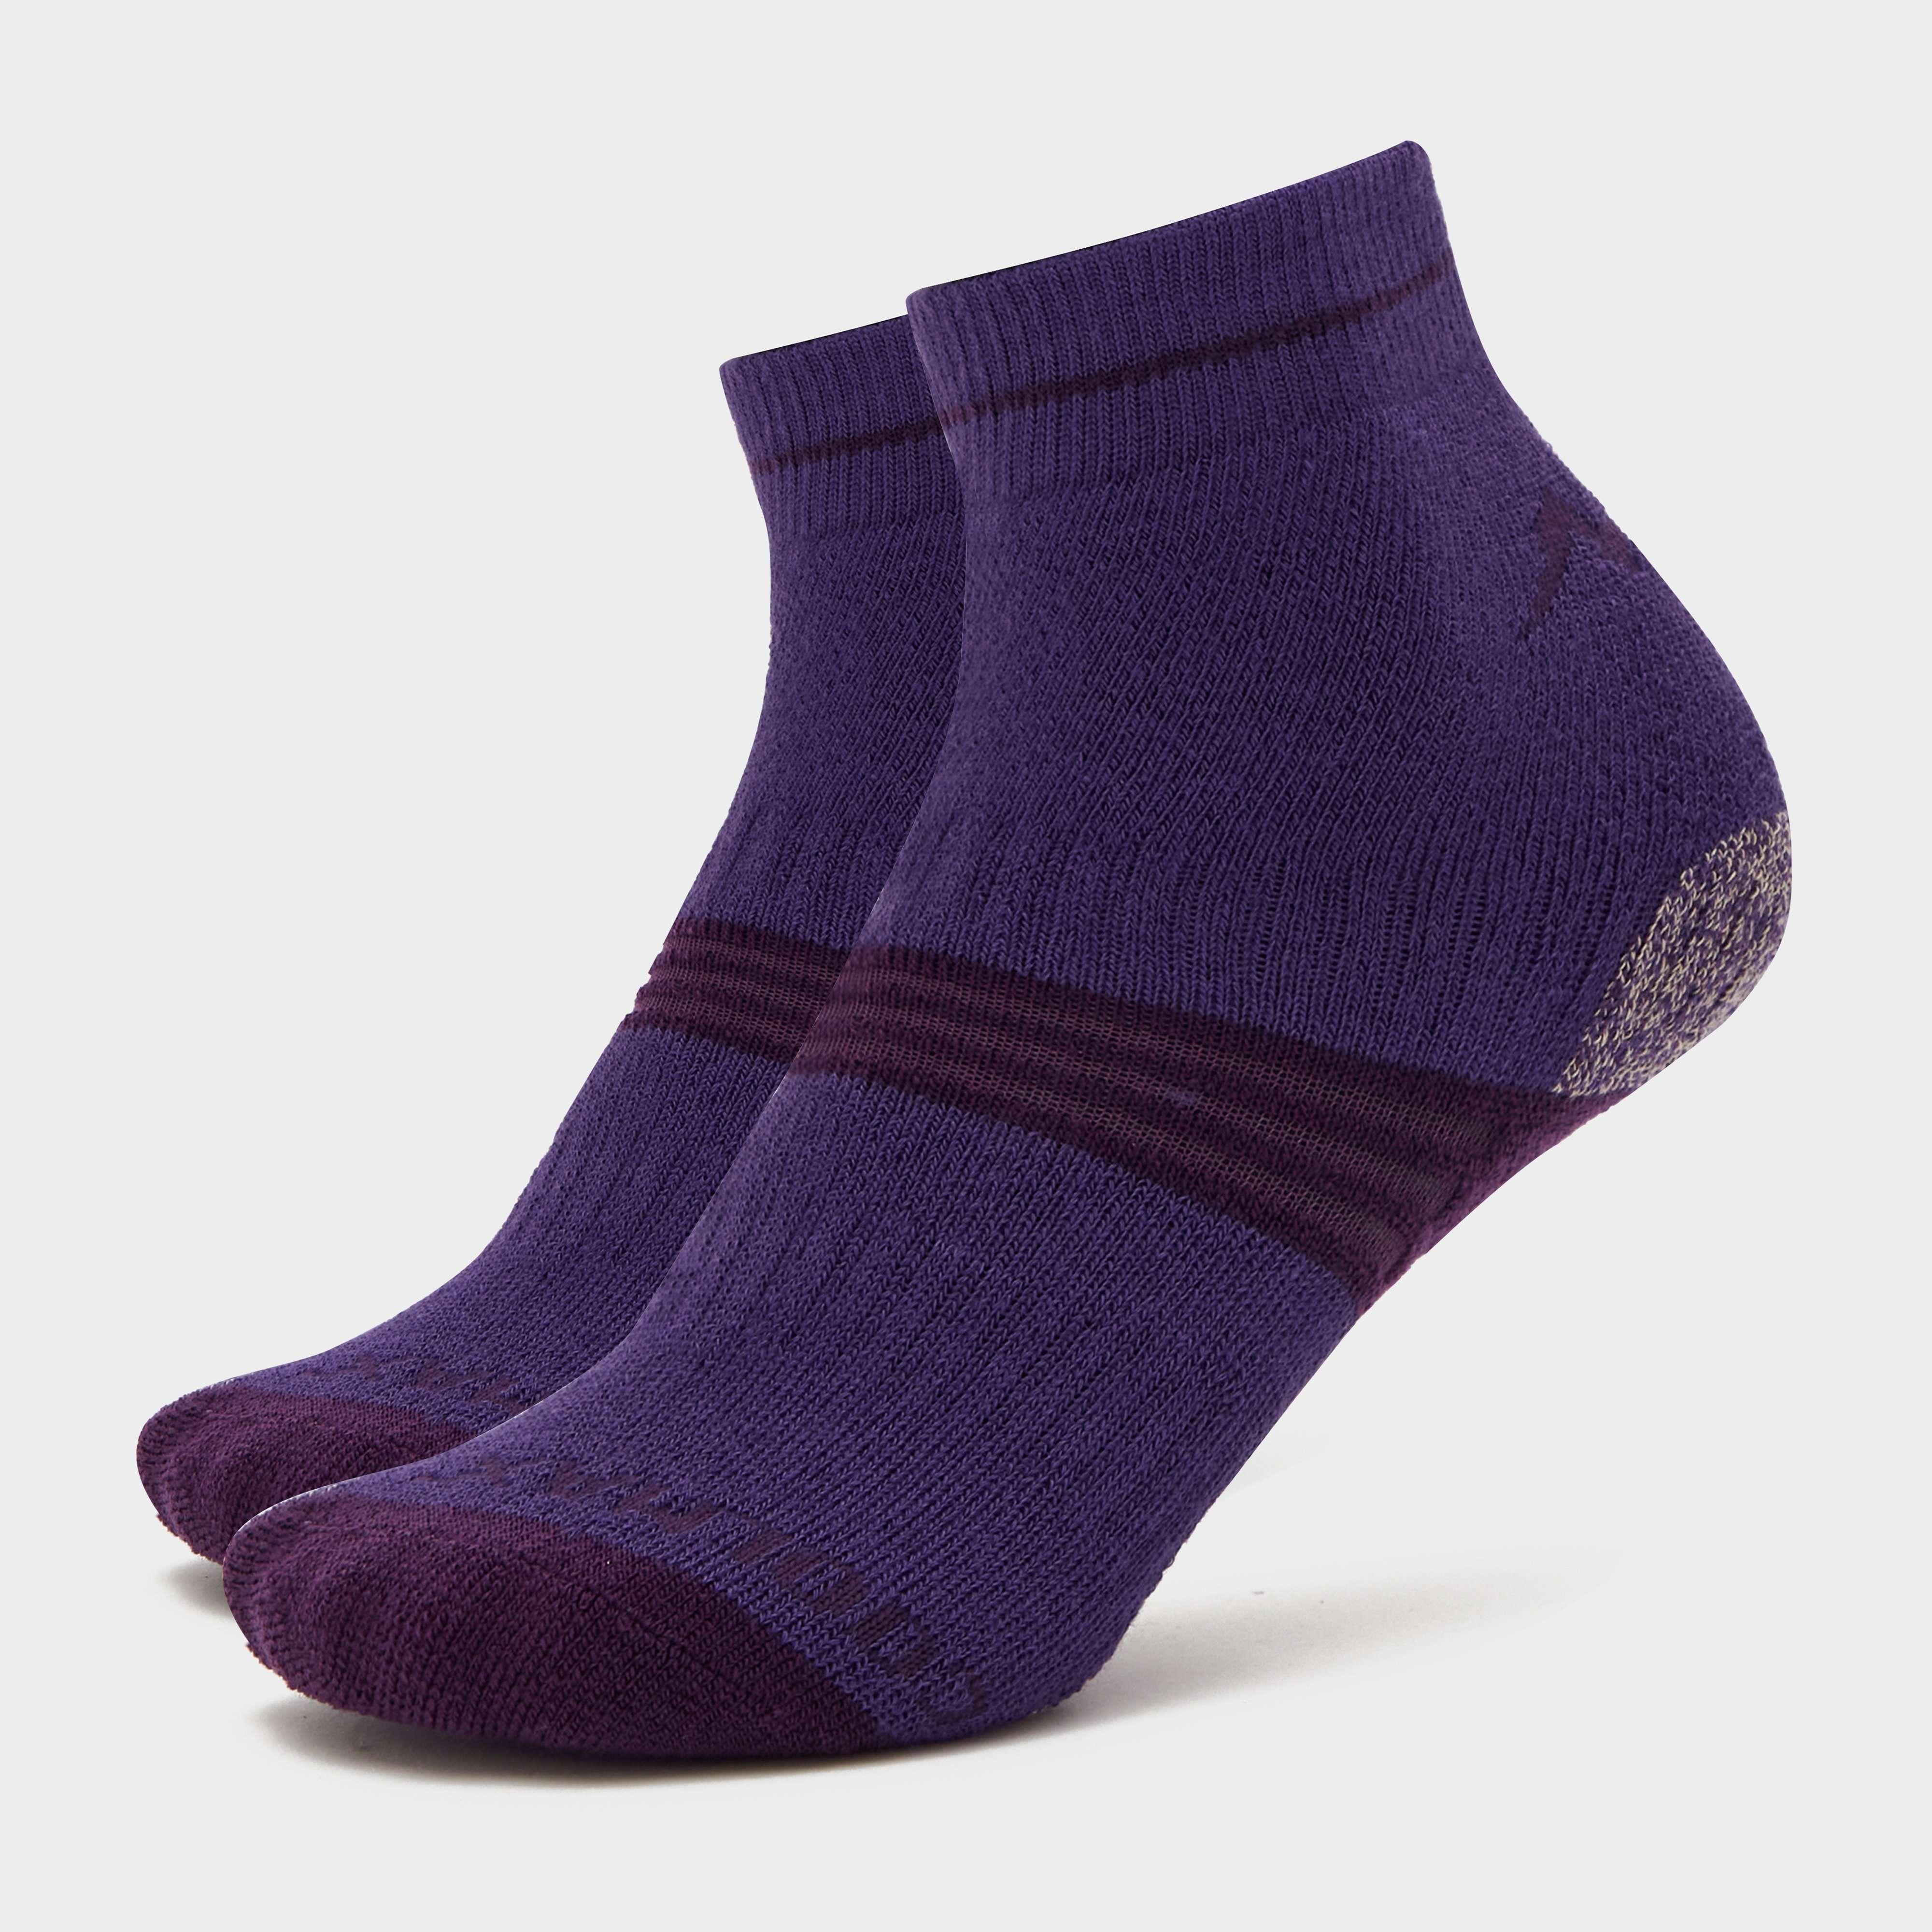 PETER STORM Girls' Midweight Trekking Sock - Twin Pack